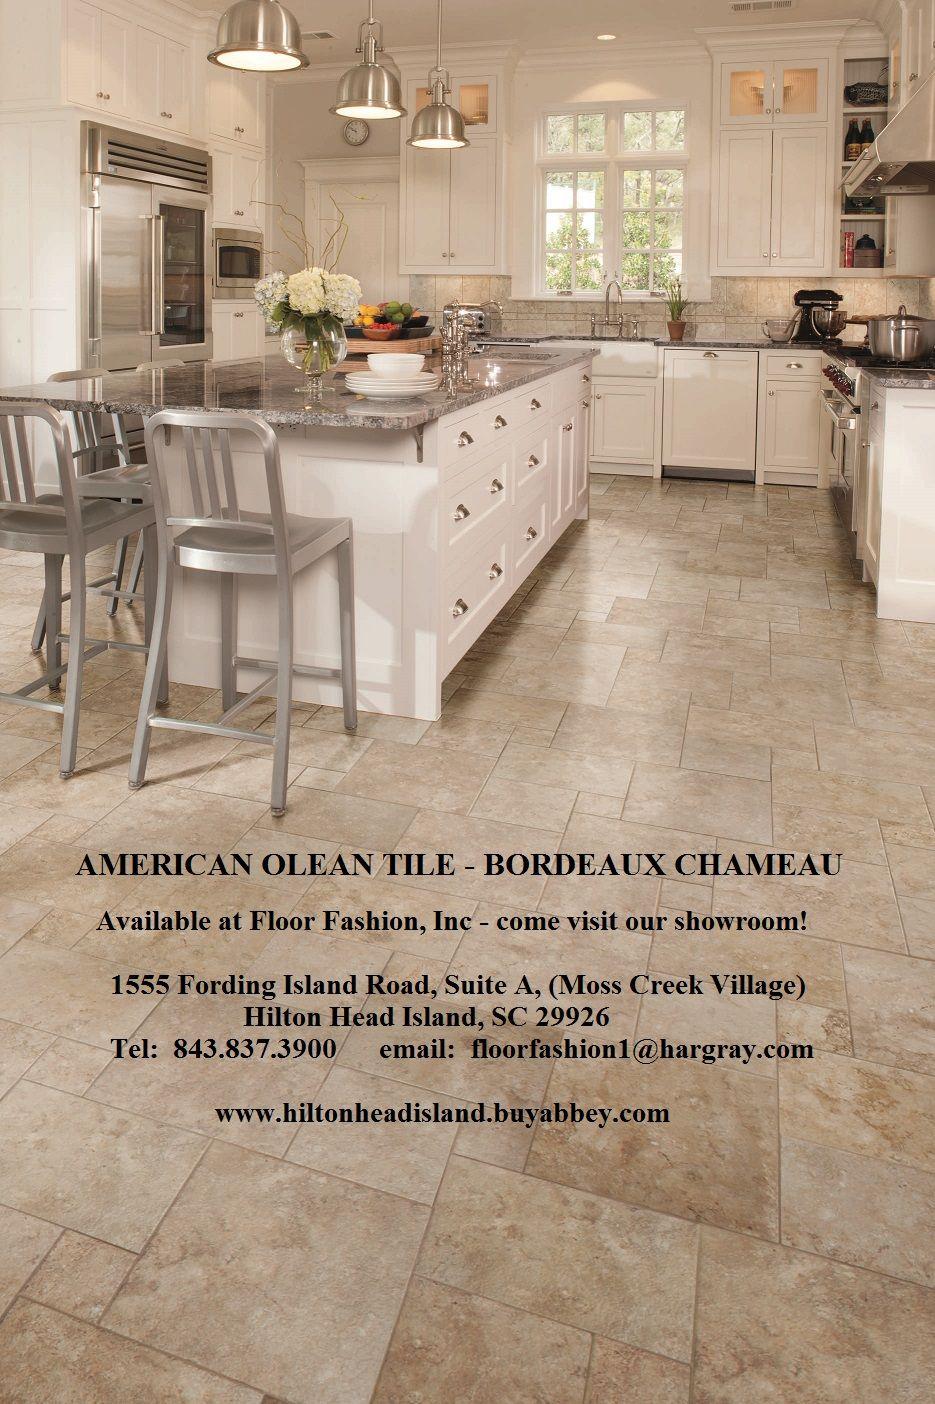 american olean tile bordeaux chameau tile and stone pinterest rh pinterest com